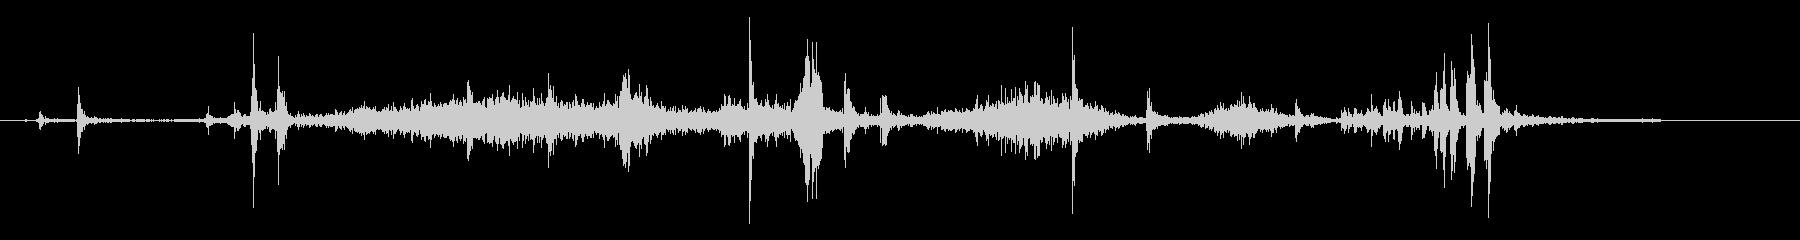 紙をめくる音(薄い、ゆっくり、1枚ずつ)の未再生の波形